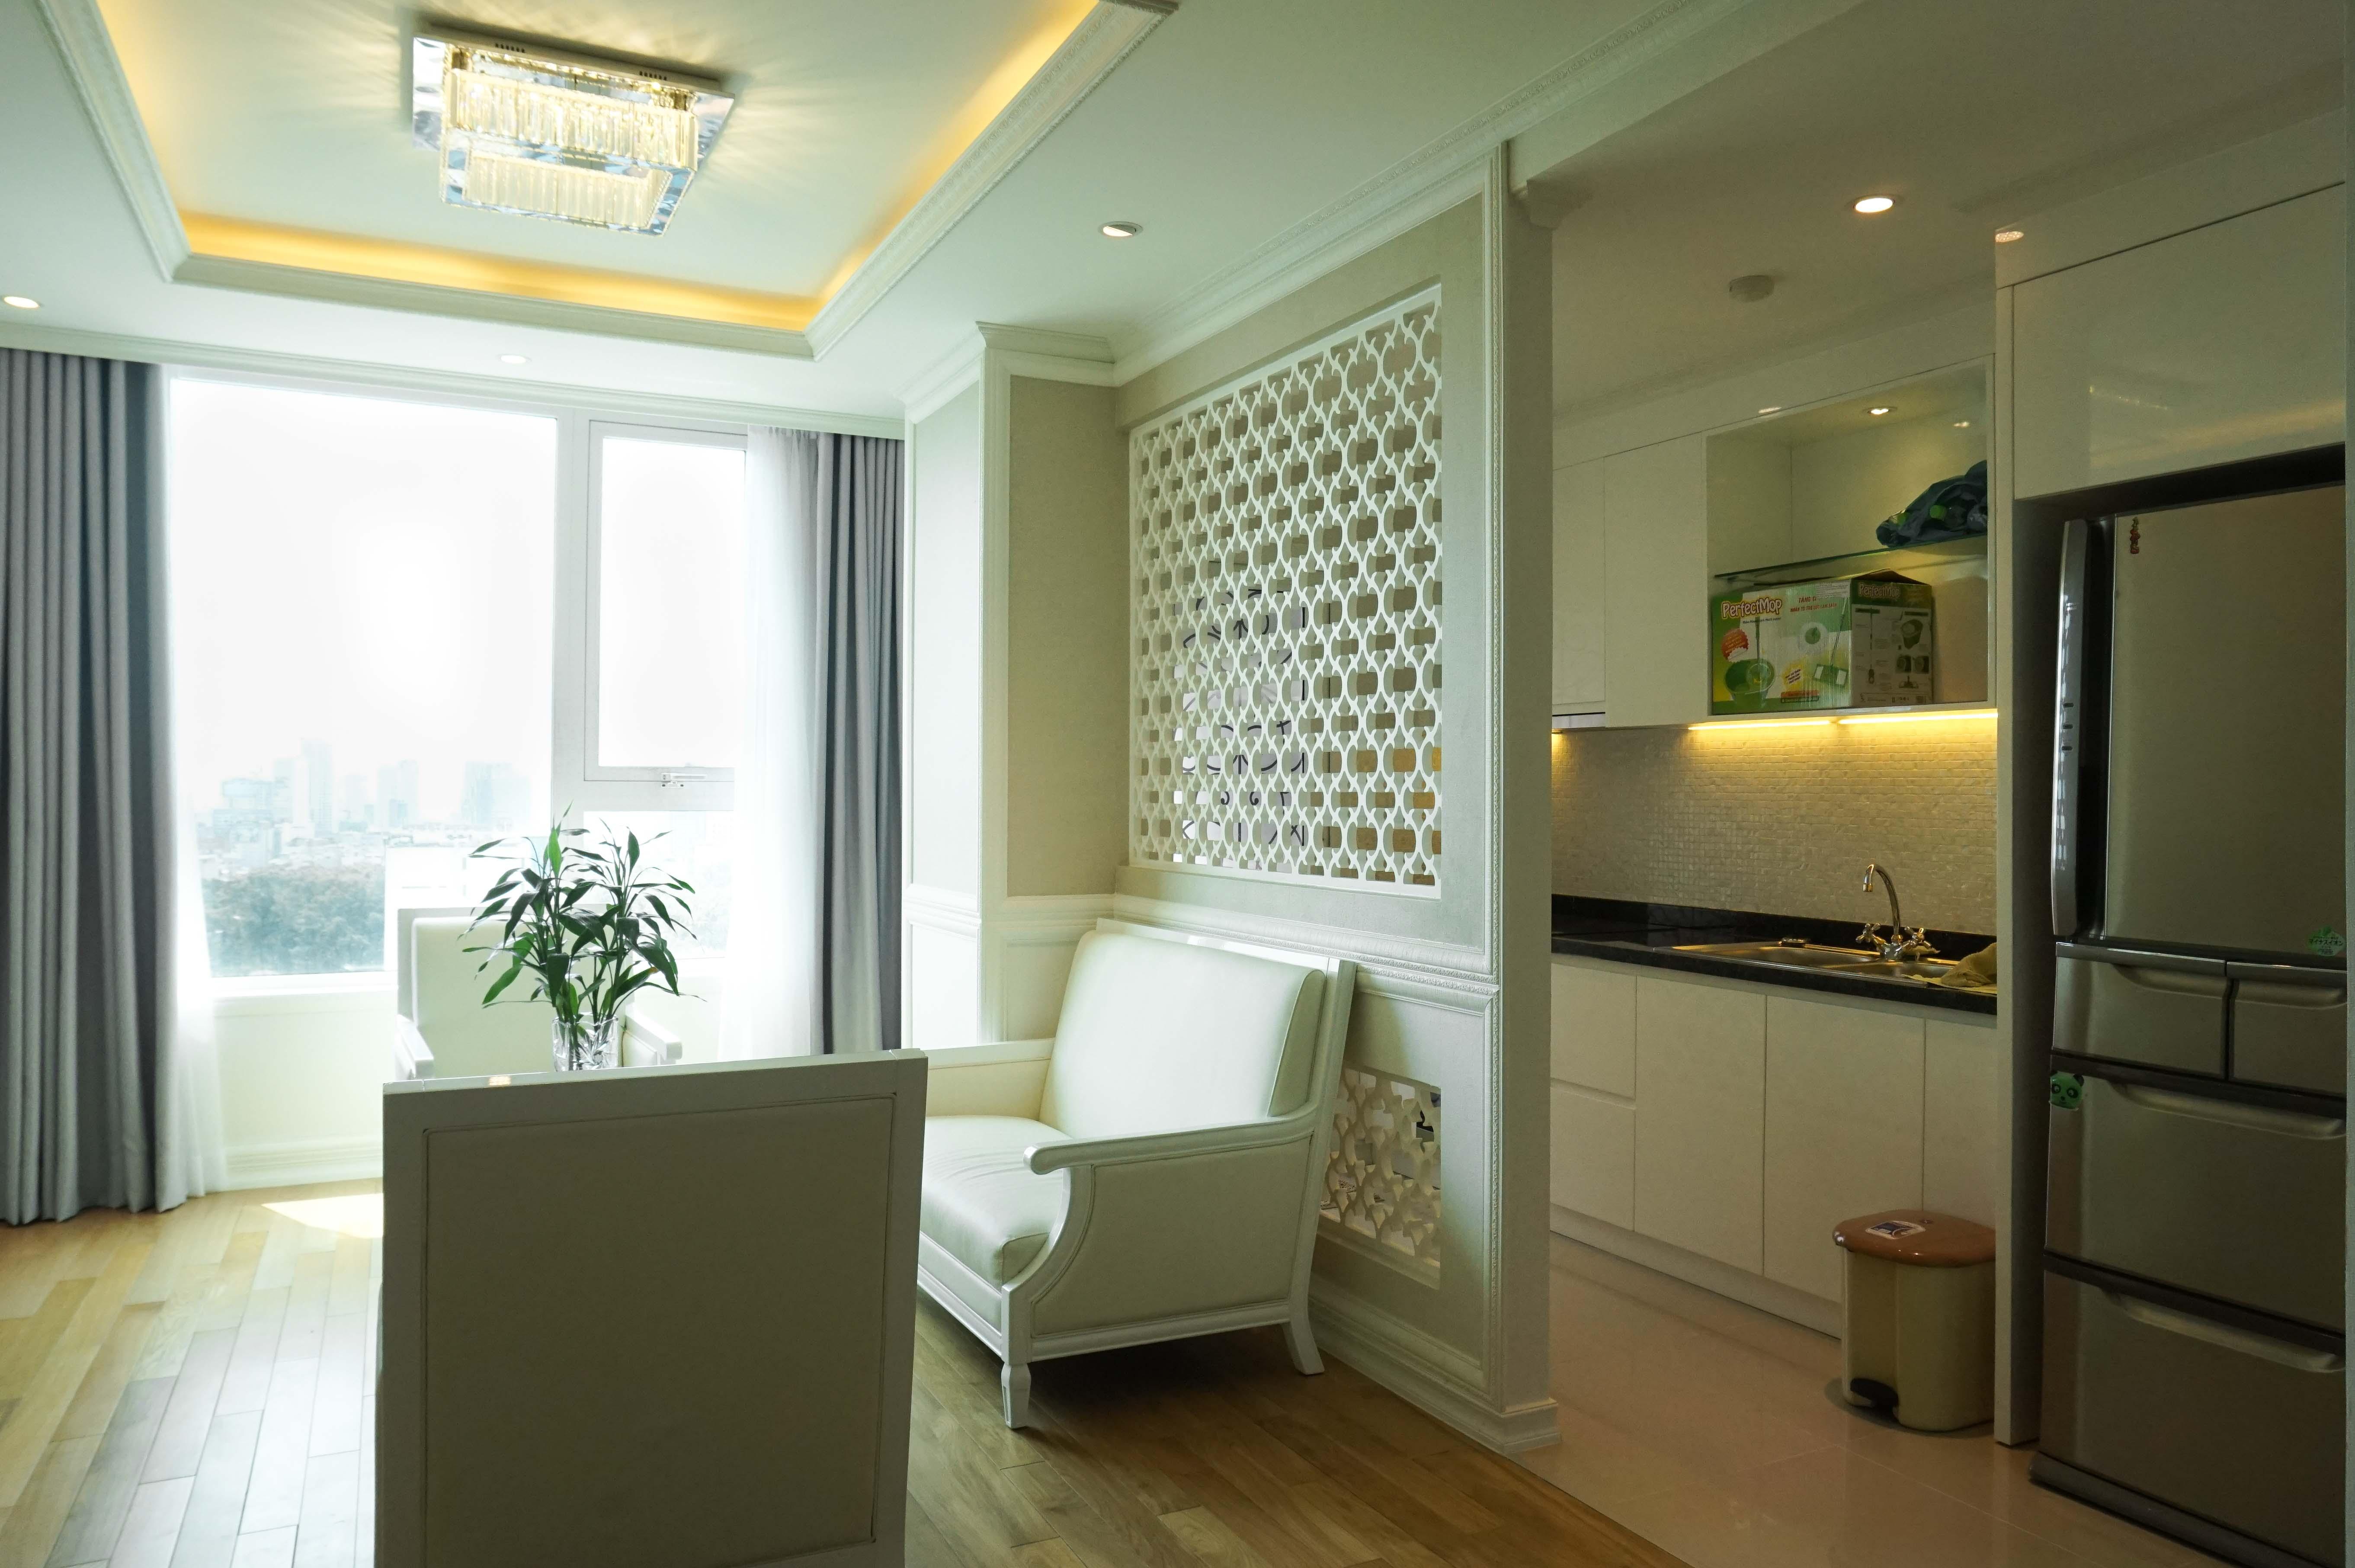 Căn hộ 2 PN Léman Luxury - Đầy Đủ Nội Thất - Căn Hộ Duyên Dáng Và Đầy Đủ Tiện Nghi-14